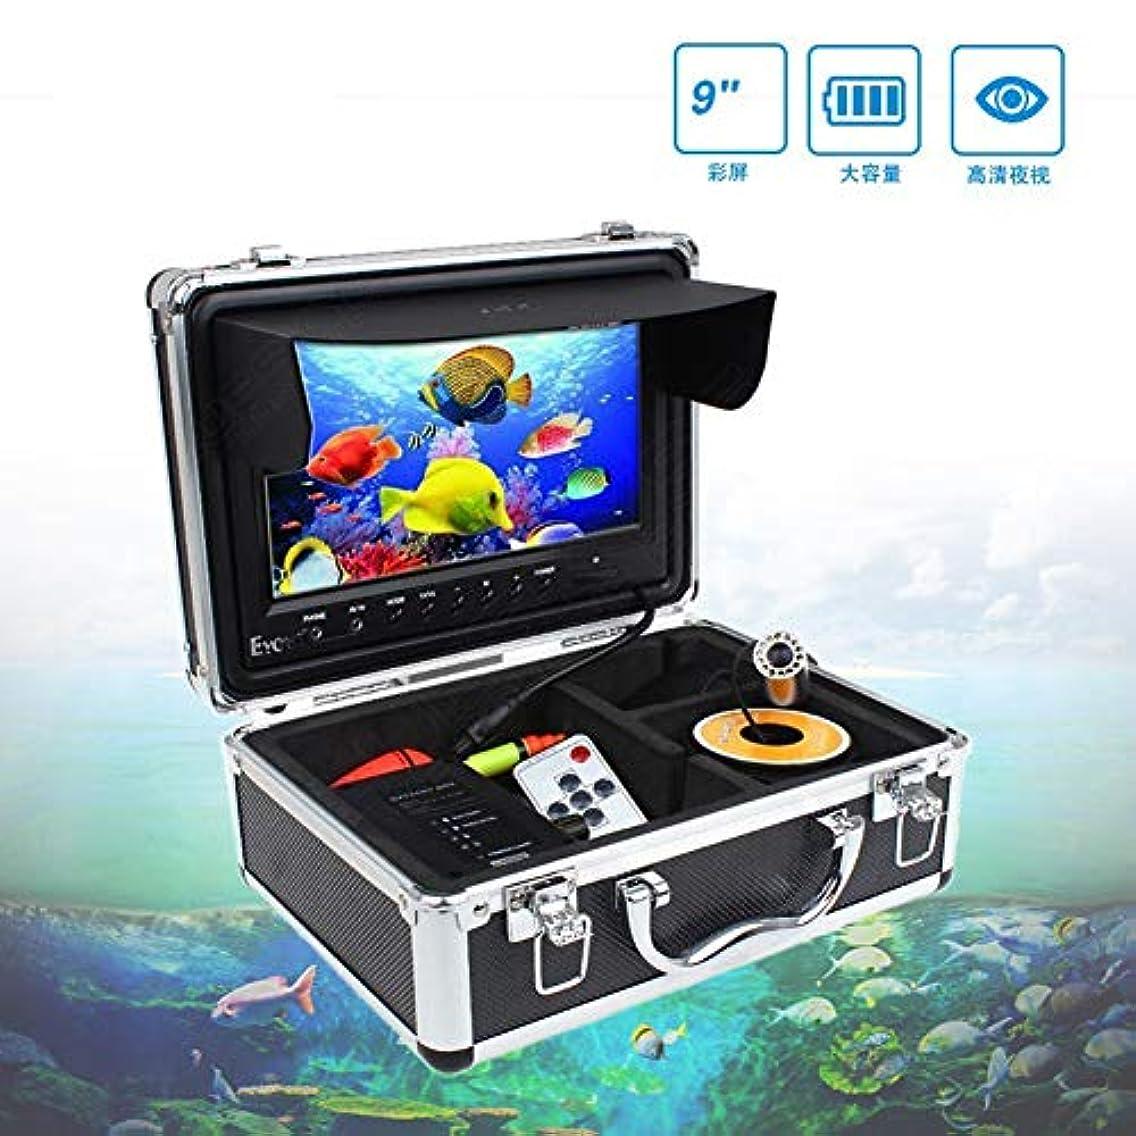 まさにインク熱意魚群探知機 ポータブル魚探 あなたがより速くそしてより正確に釣りをするのを助けるために30Mの深さの9インチの高精細水中カメラ検出器